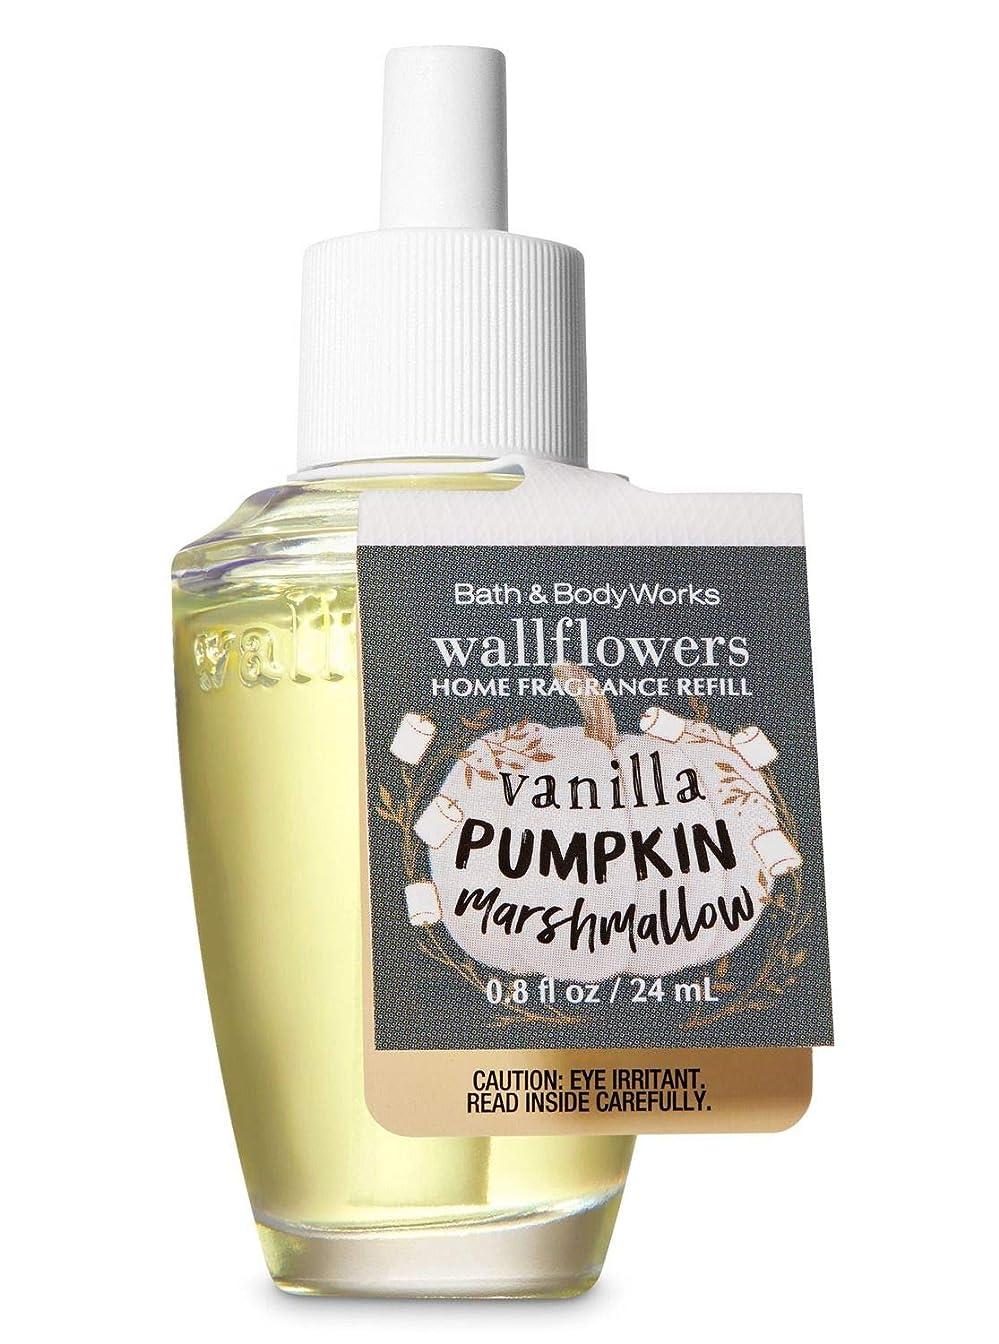 羨望フィルタ殺人者【Bath&Body Works/バス&ボディワークス】 ルームフレグランス 詰替えリフィル バニラパンプキンマシュマロ Wallflowers Home Fragrance Refill Vanilla Pumpkin Marshmallow [並行輸入品]